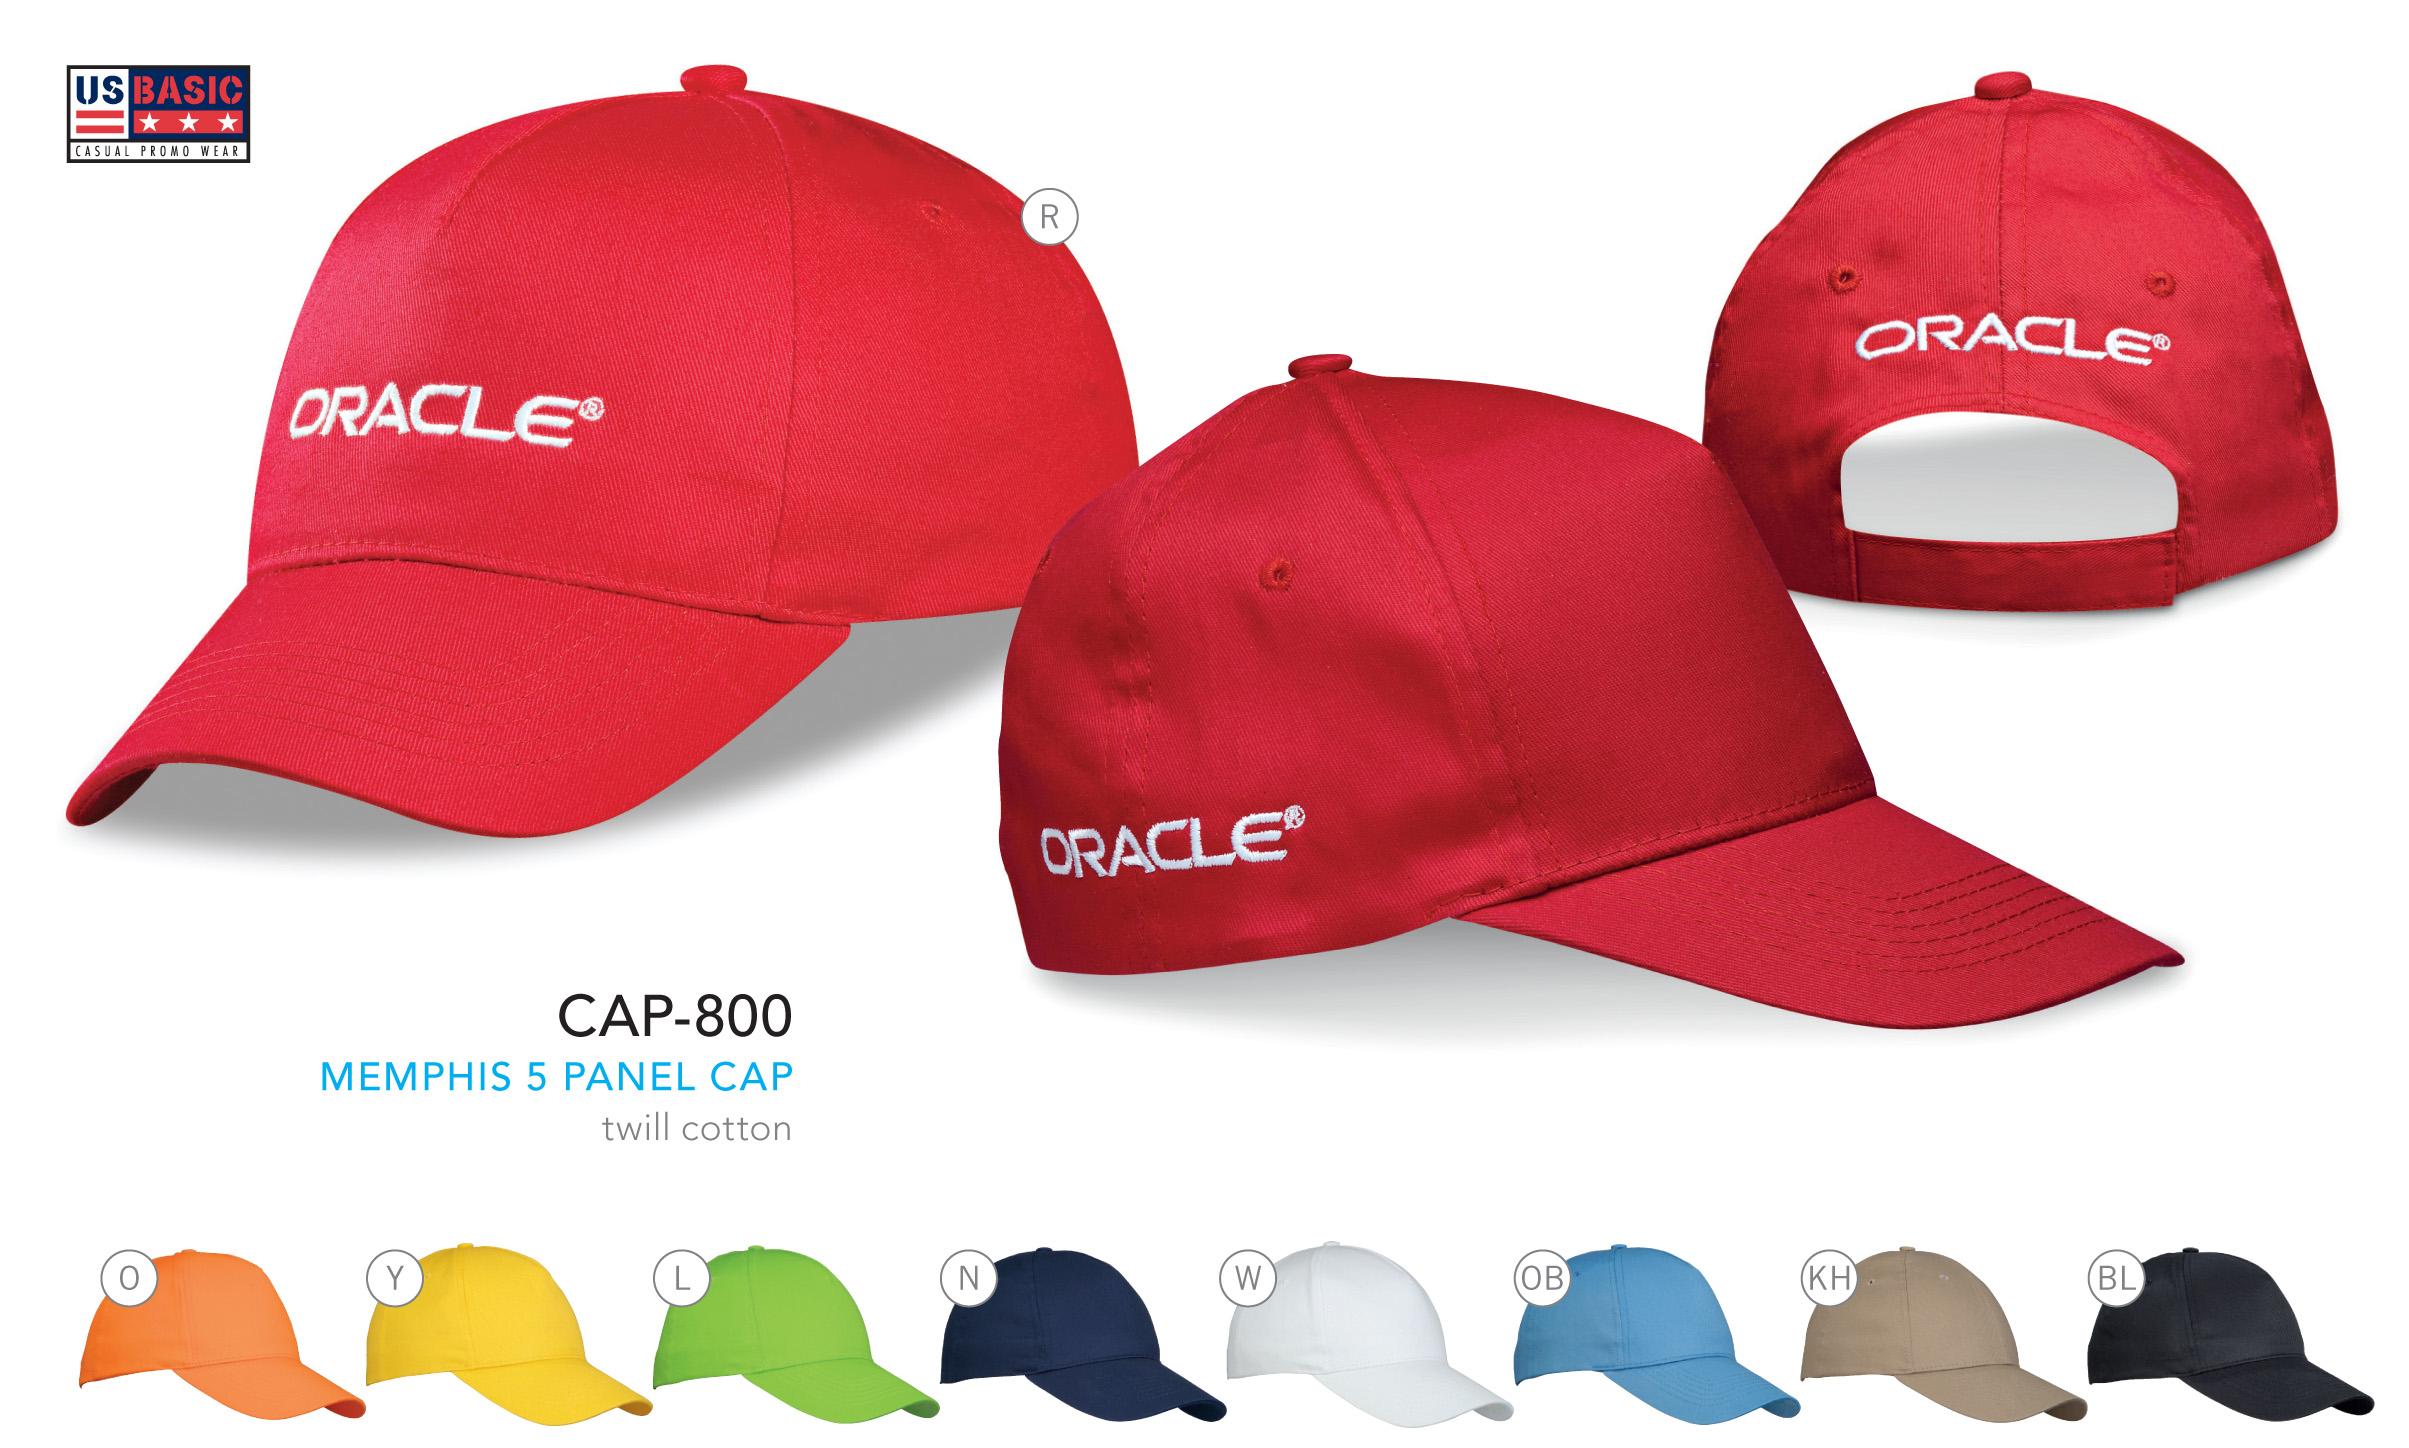 Promotional Memphis 5 panel cap